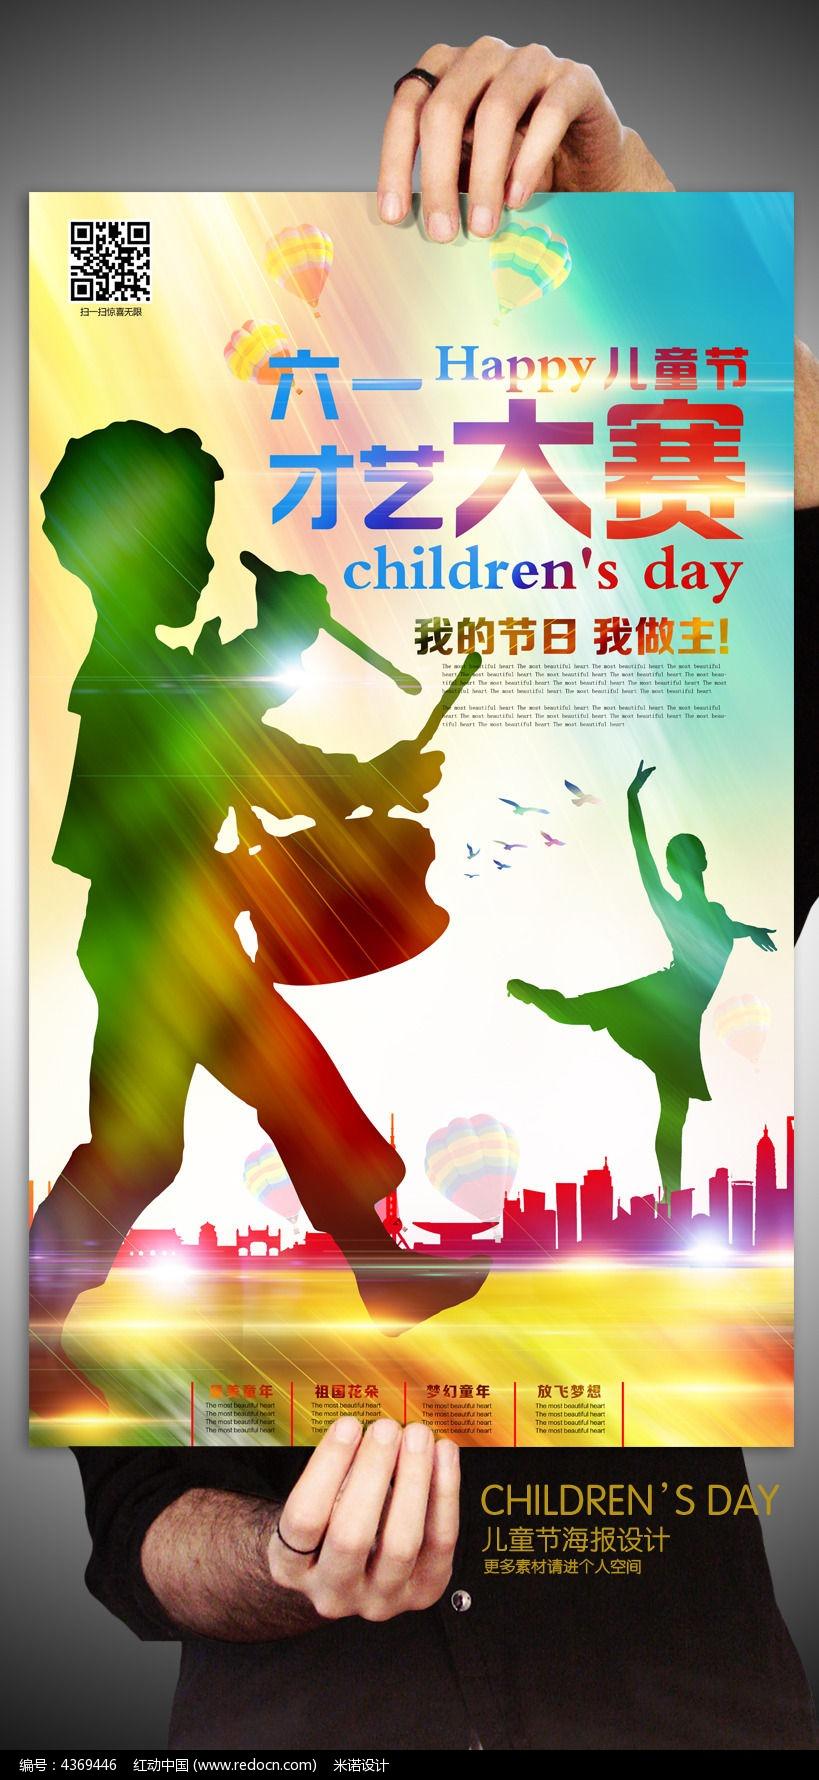 六一儿童节才艺大赛创意海报设计